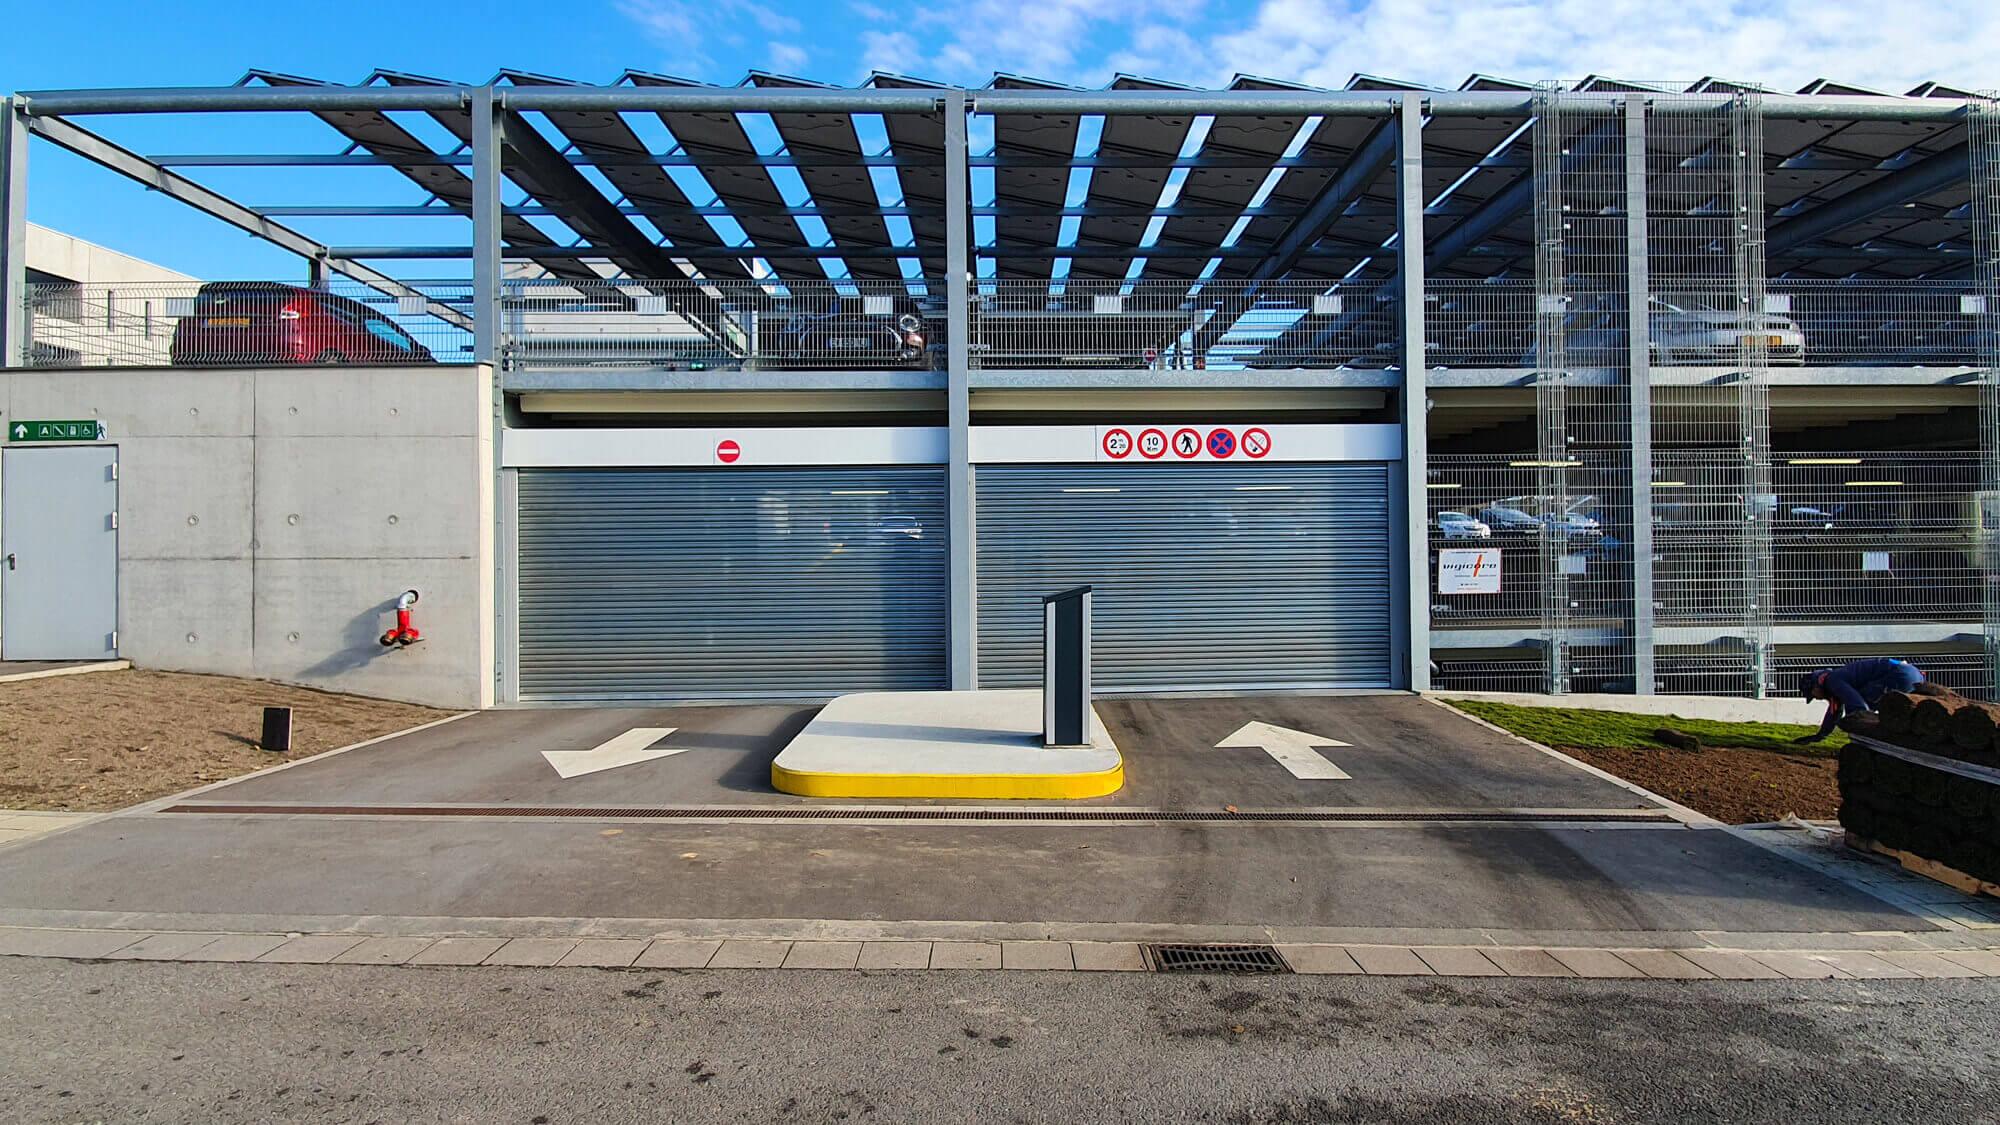 Finden Sie die optimale Lösung für Ihr Parkhaus, für die Nutzung von Strom zur Einspeisung ins Netz oder zum Eigenverbrauch